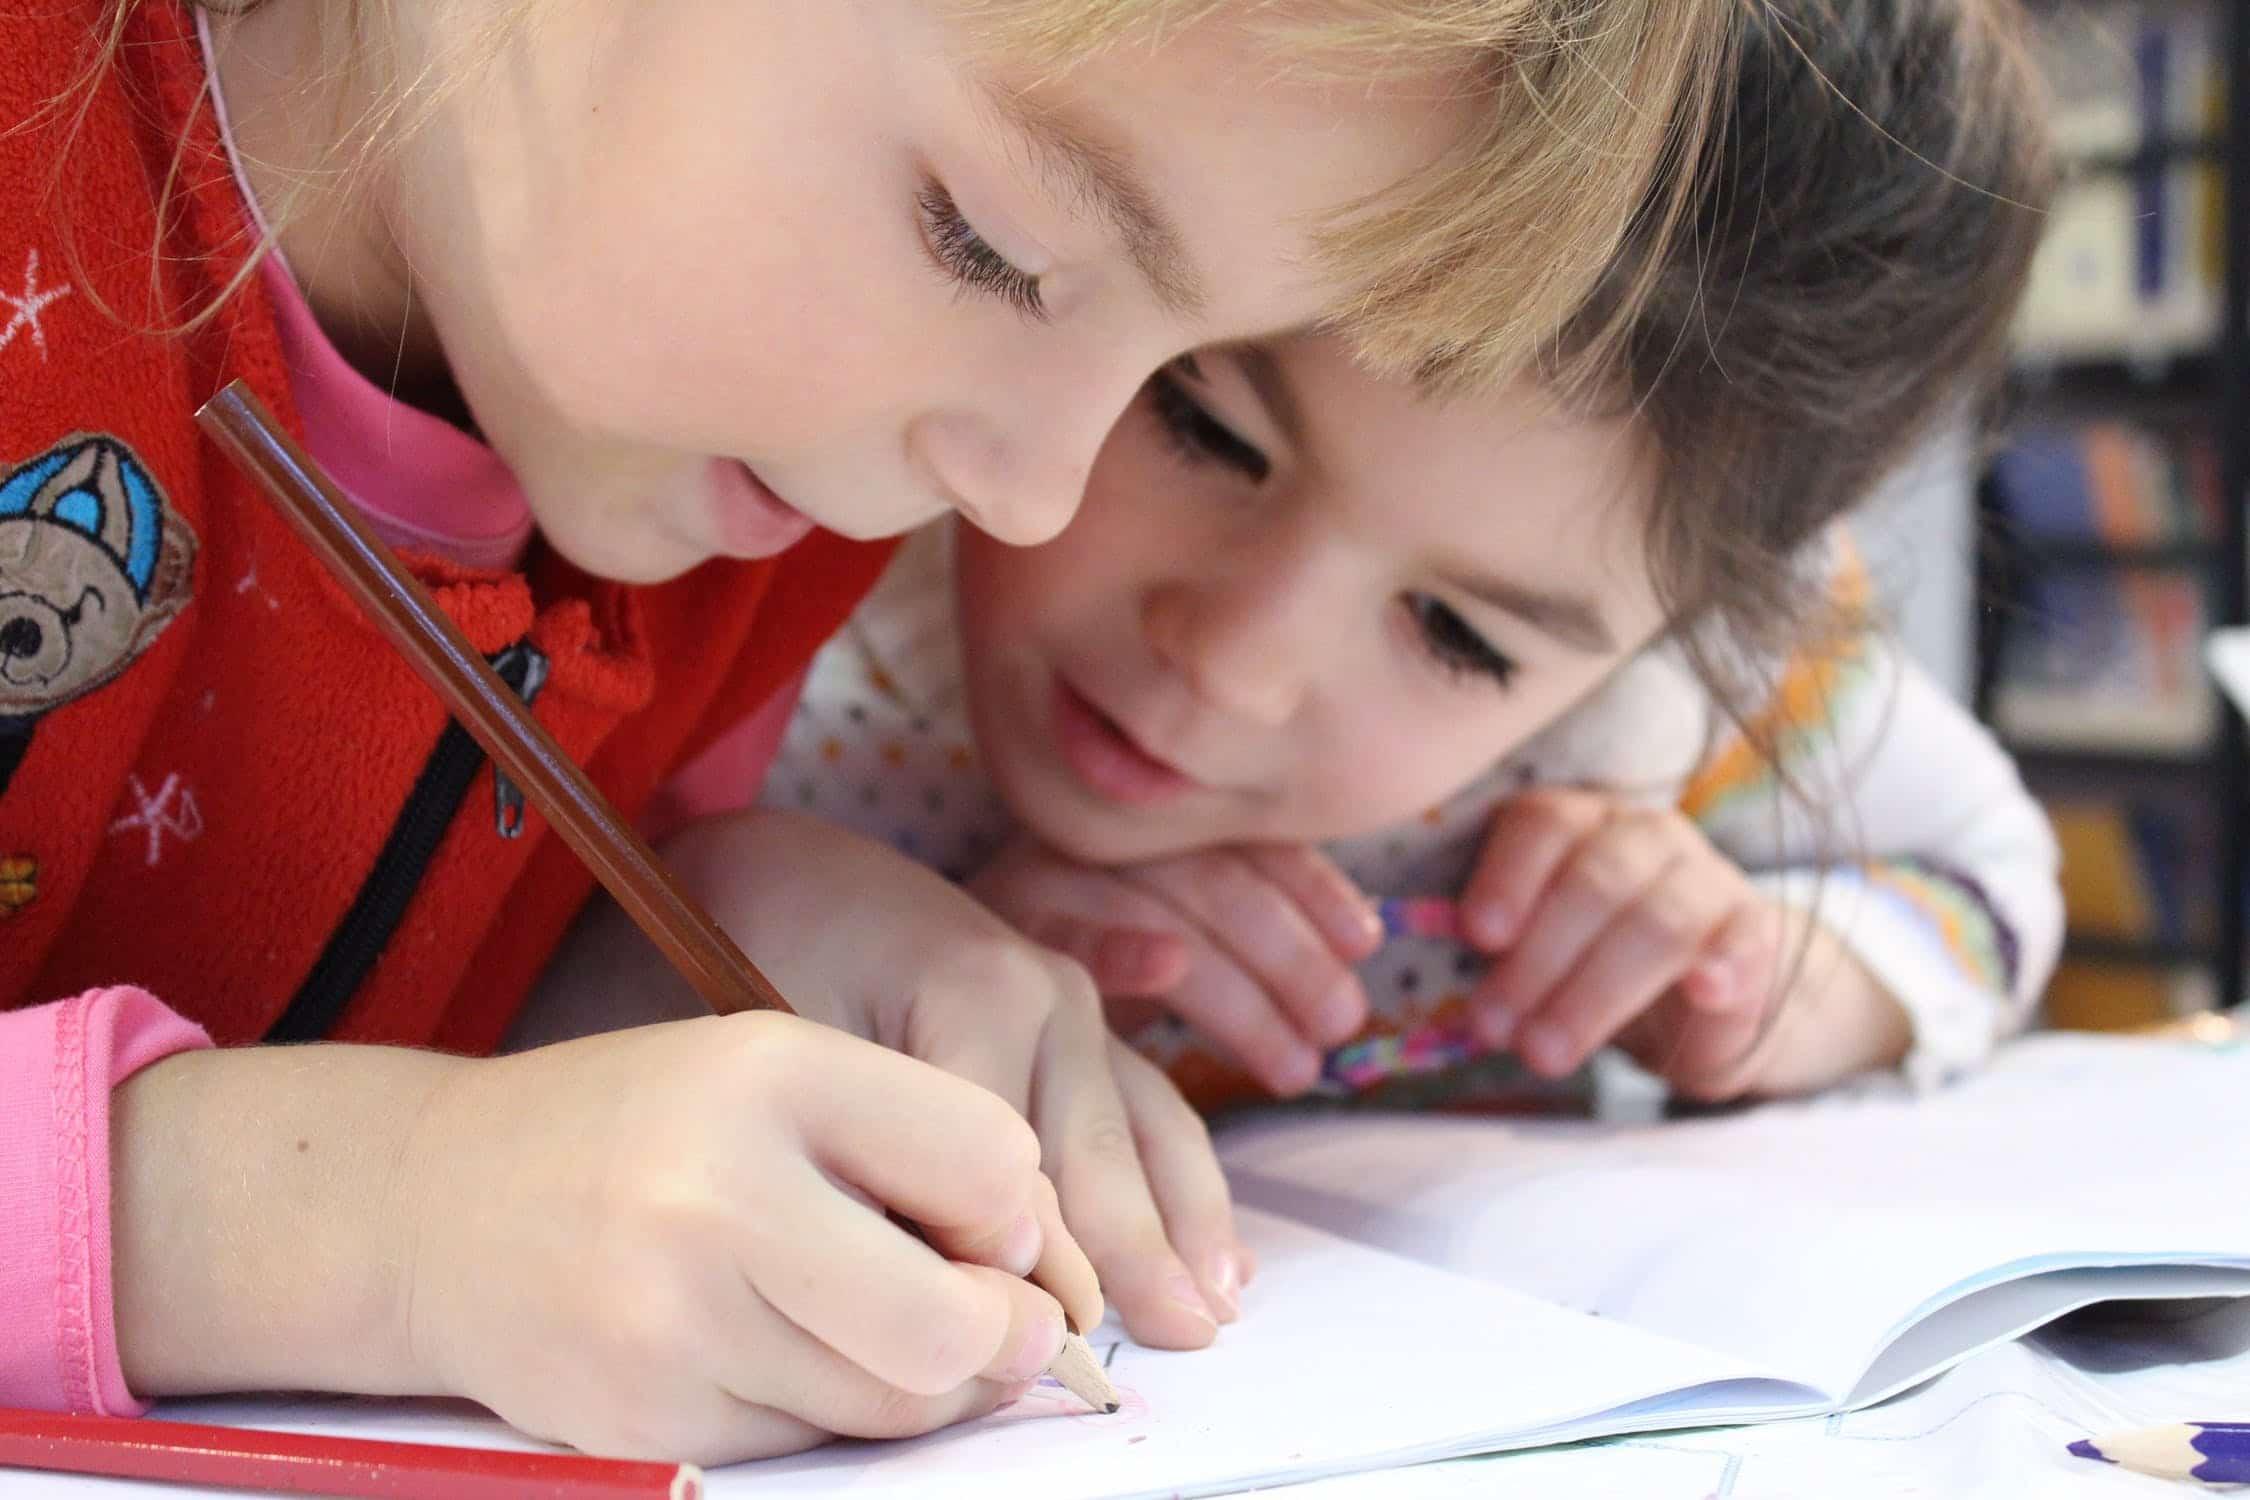 Principales razones para obtener la visa de oro portuguesa - Educación para niños y facilidad de viaje